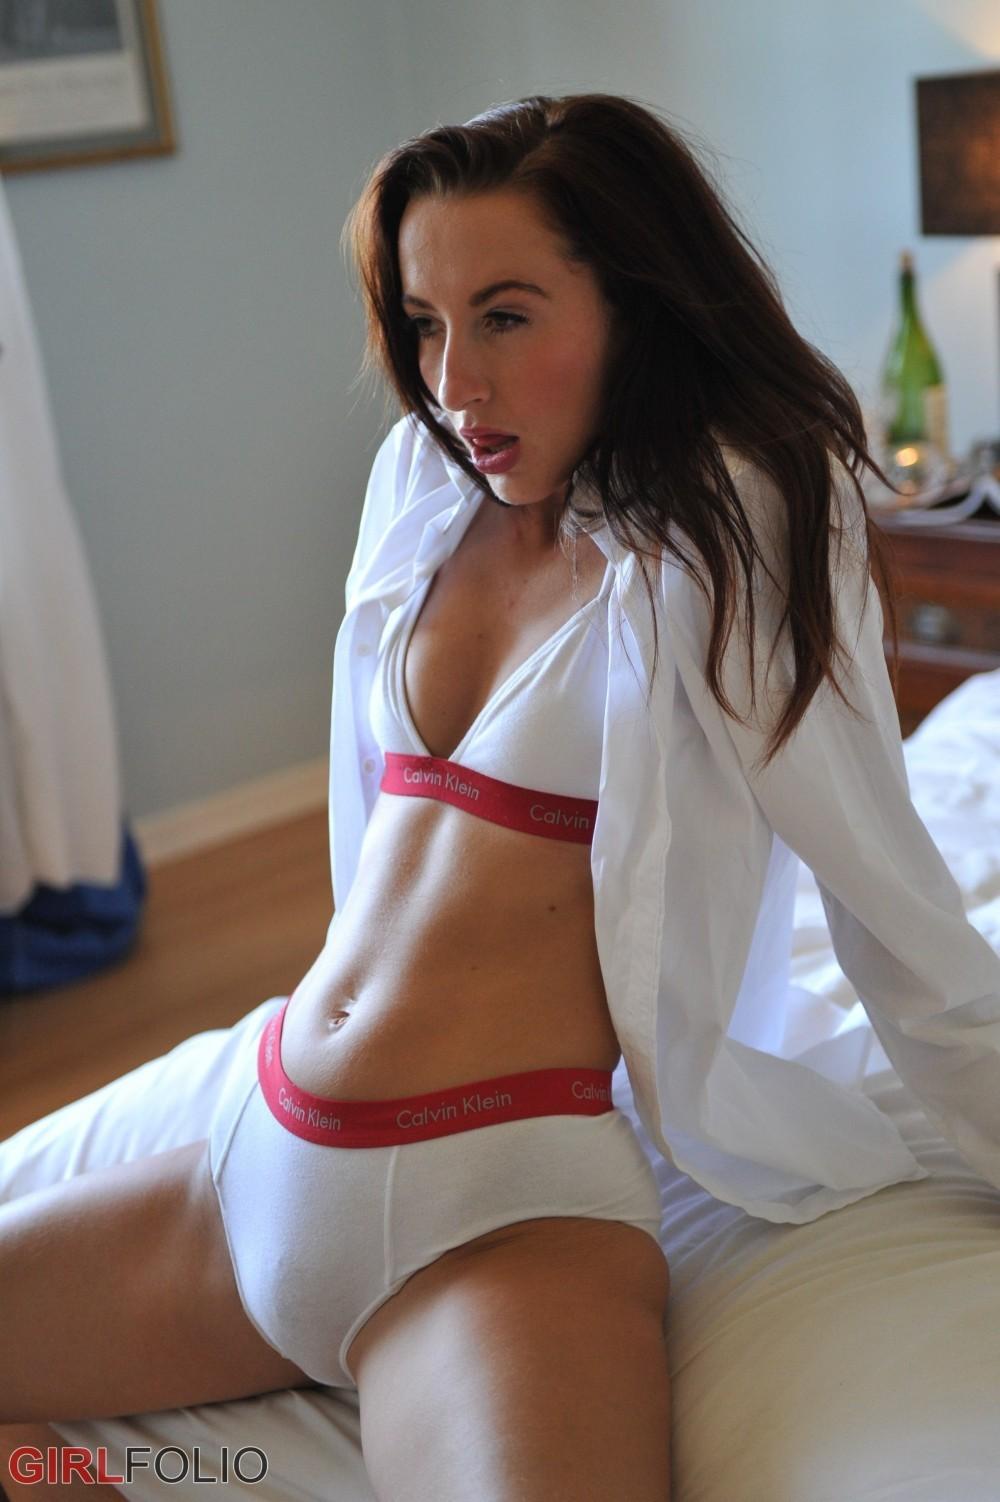 calvin klein underwear porn